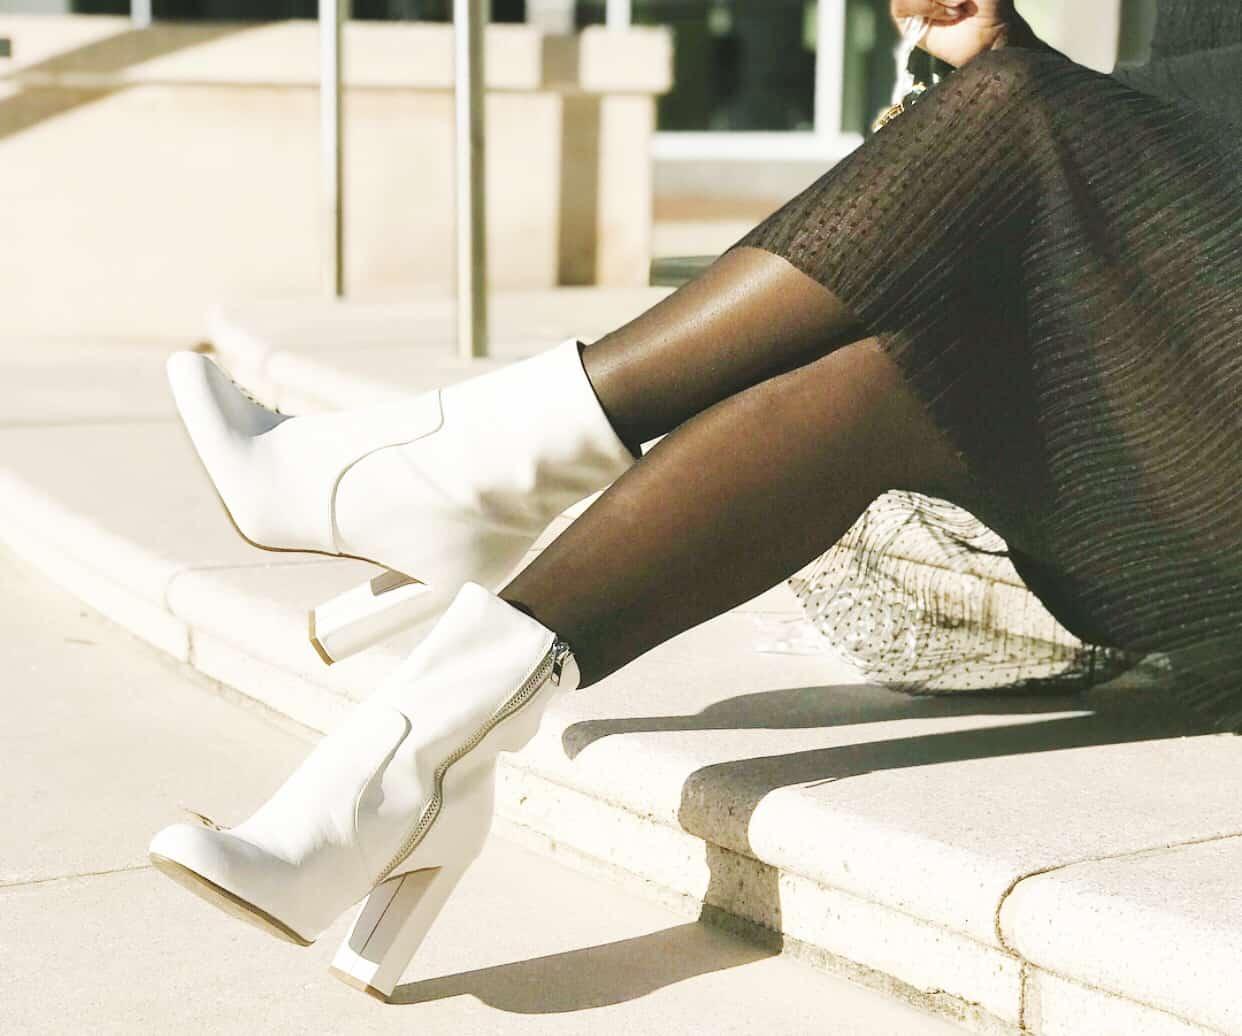 Shaunda Necole White Shoes After Labor Day